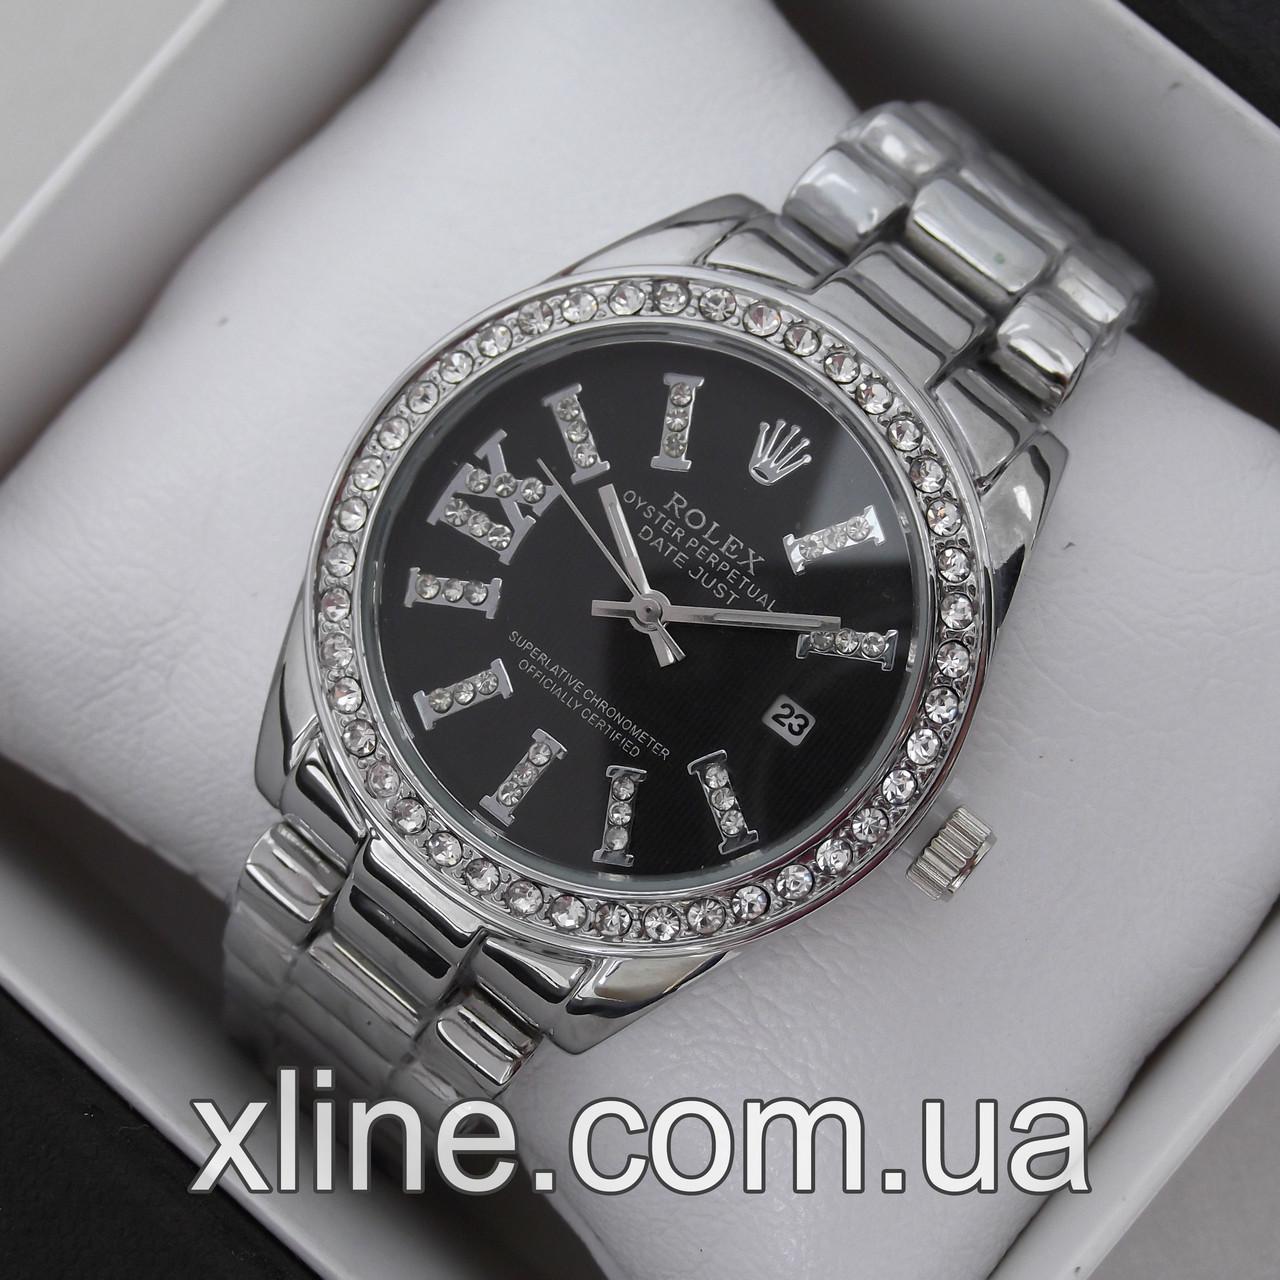 Жіночі наручні годинники Rolex C09 на металевому браслеті